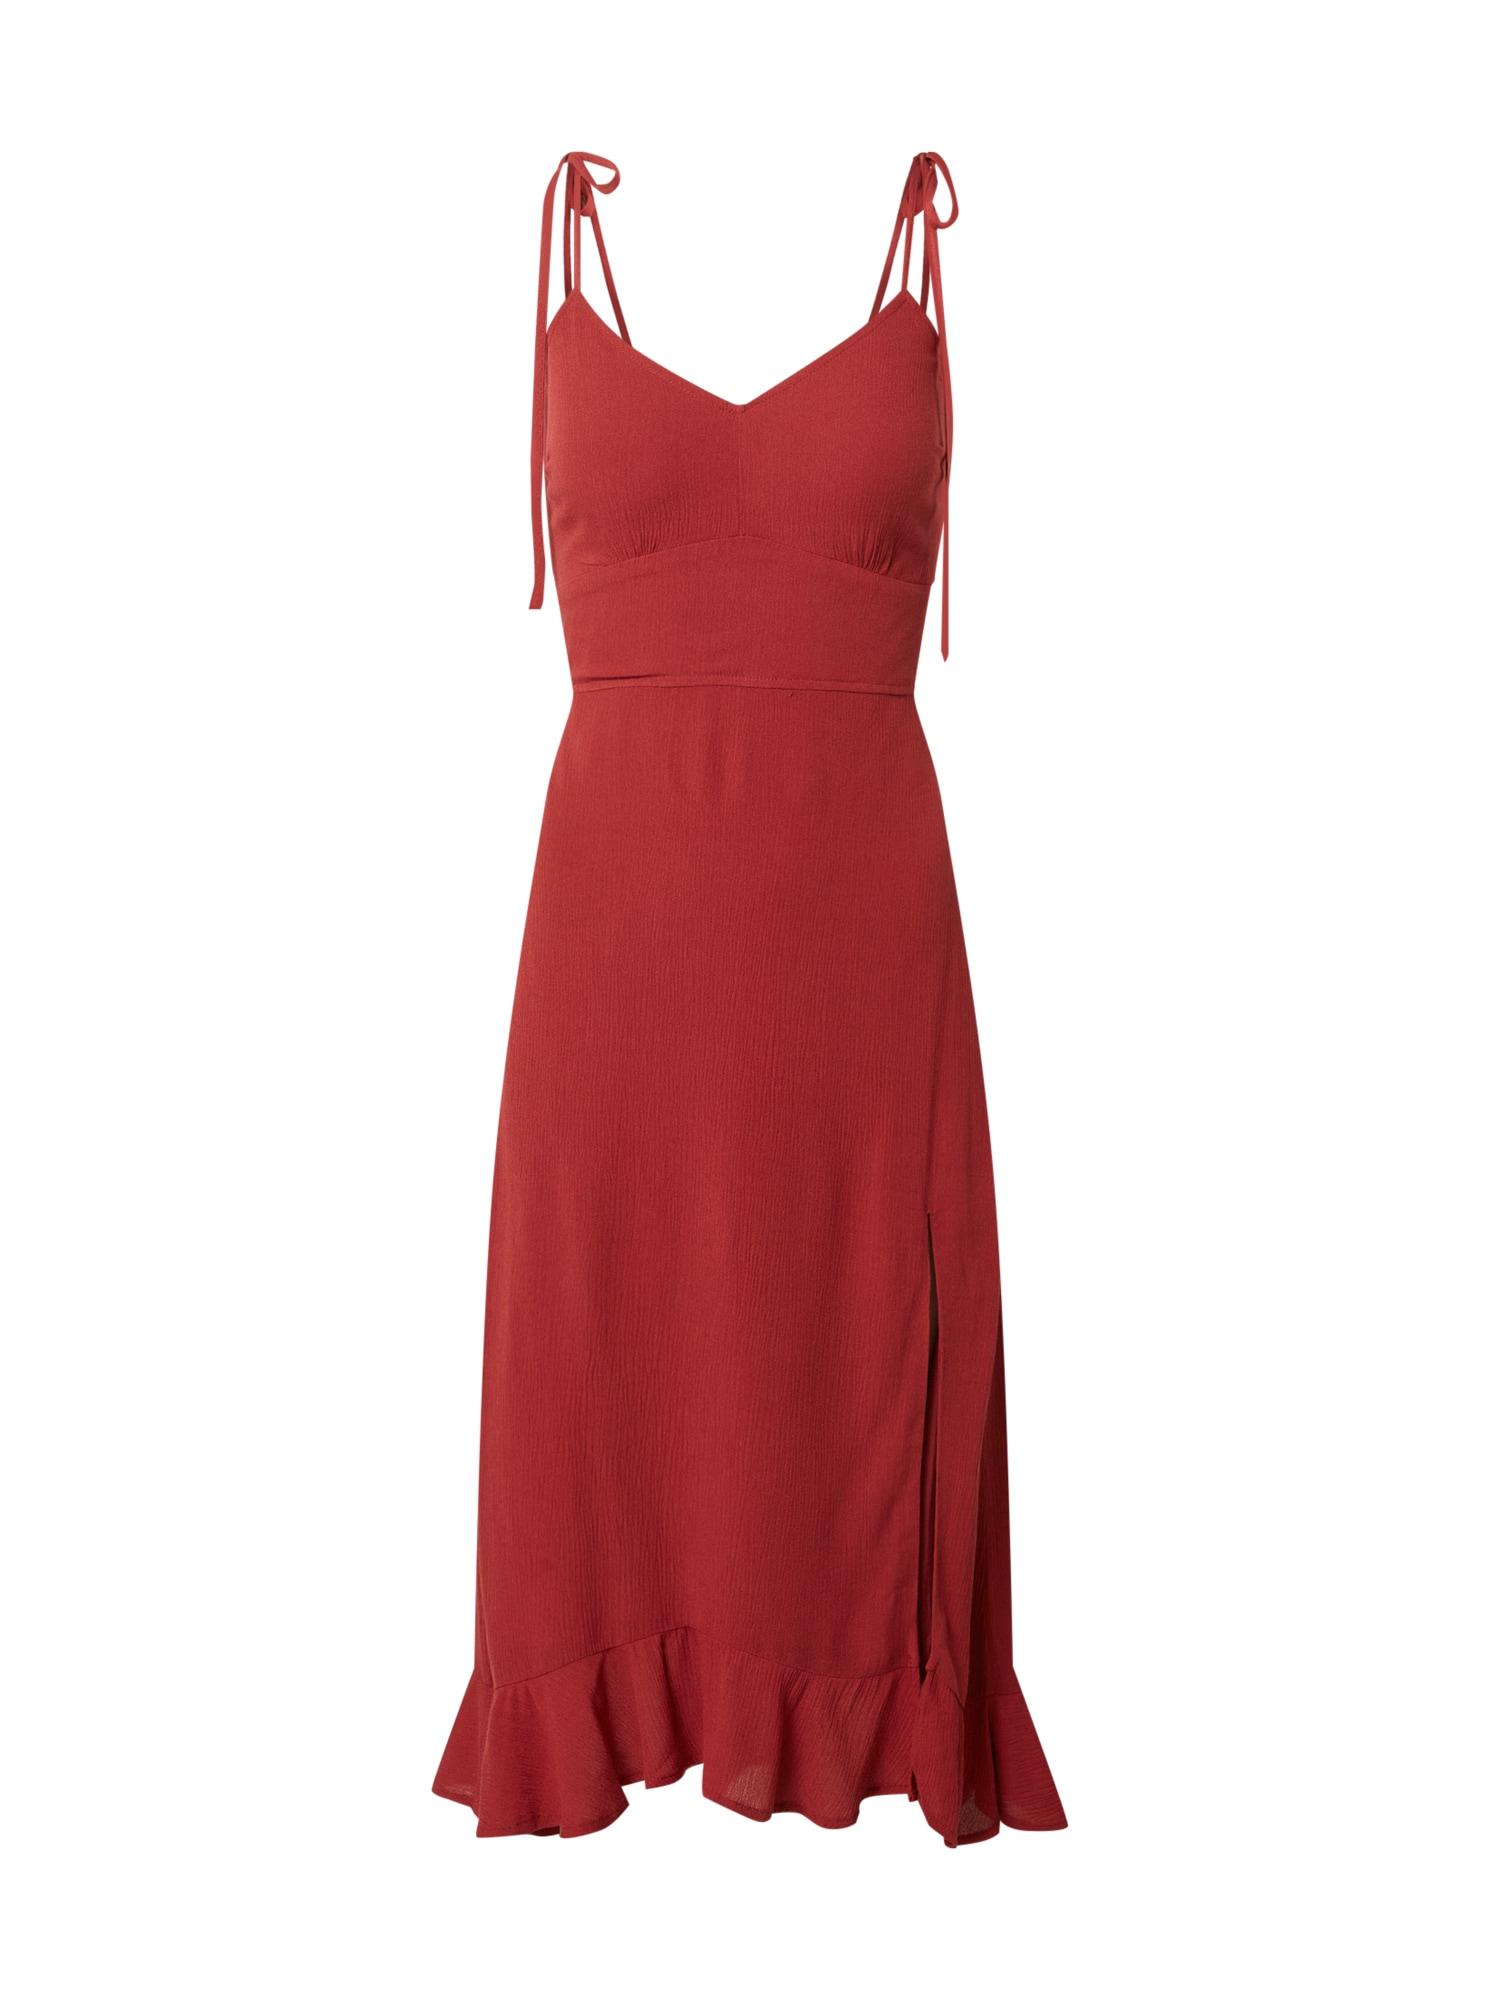 Abercrombie & Fitch Suknelė rūdžių raudona